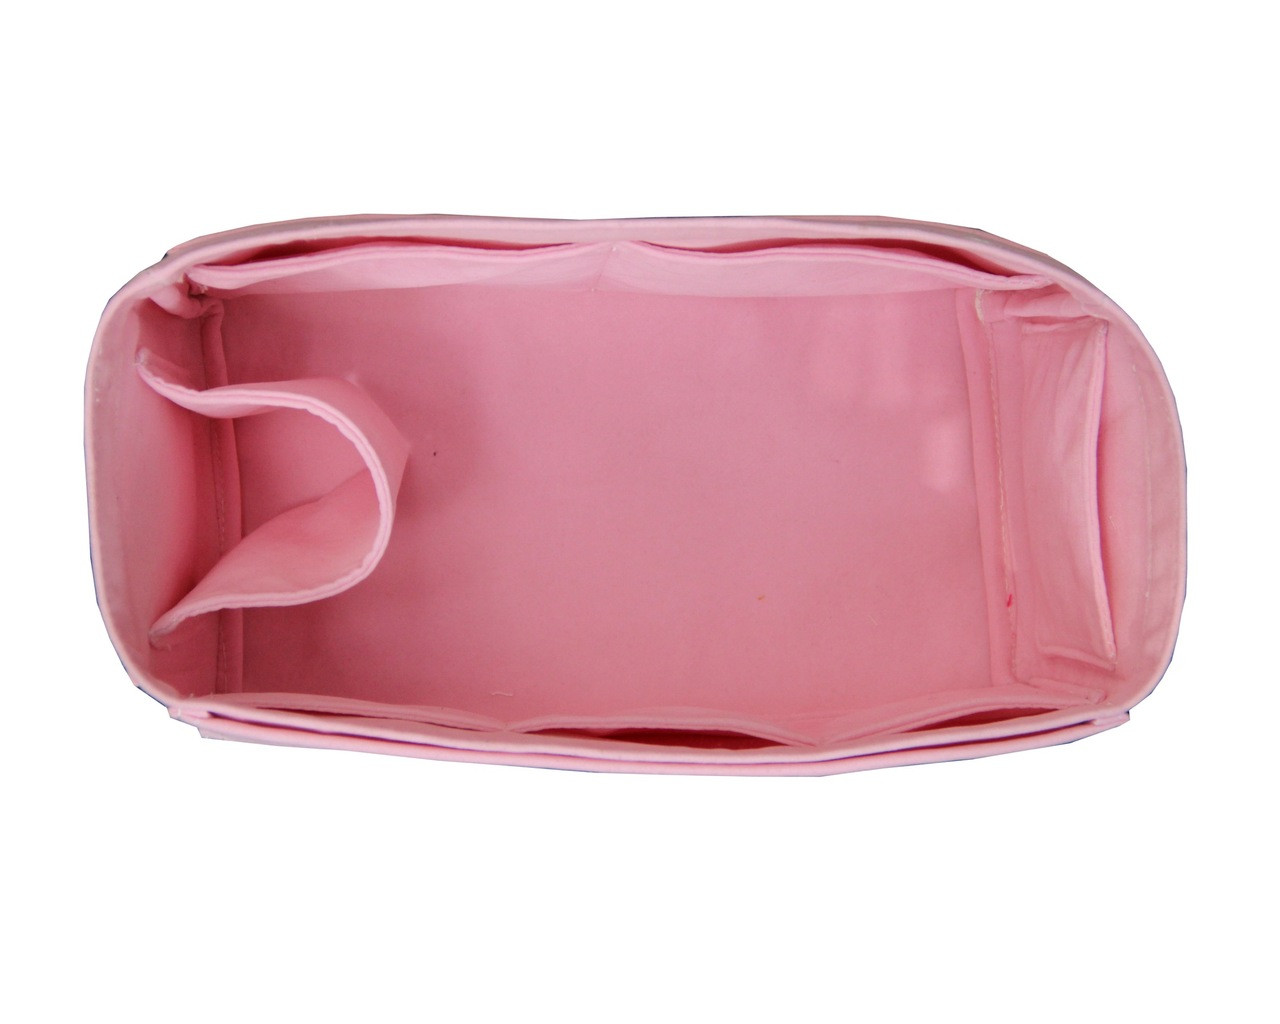 Customizable Velvet Tote Bag Organizer Purse Insert Open Pockets Longchamp Quadry Water Bottle Holder